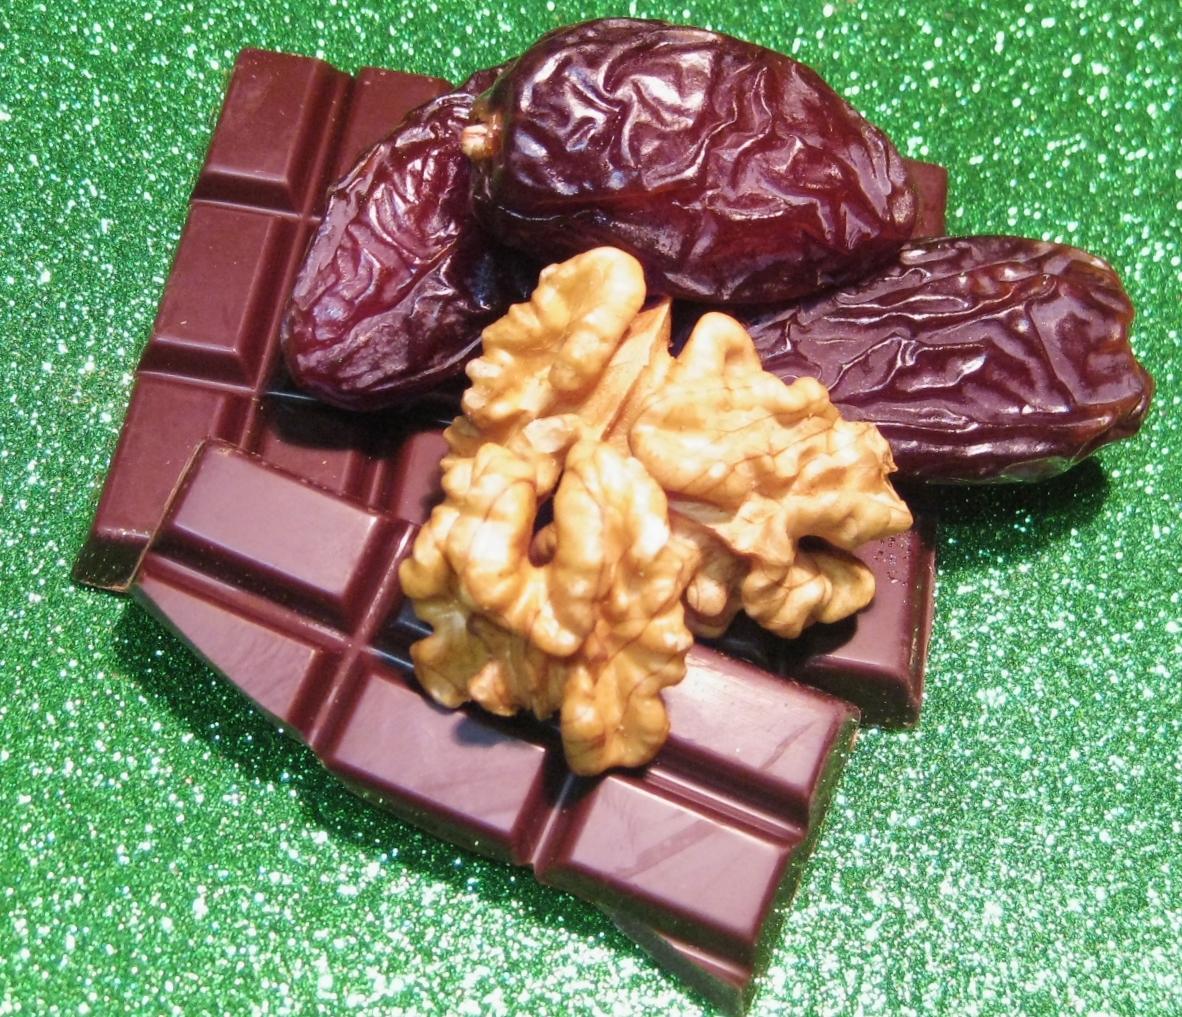 Dattrige Nuss in Schokolade: Datteln mit Walnuss in Bitterschokolade